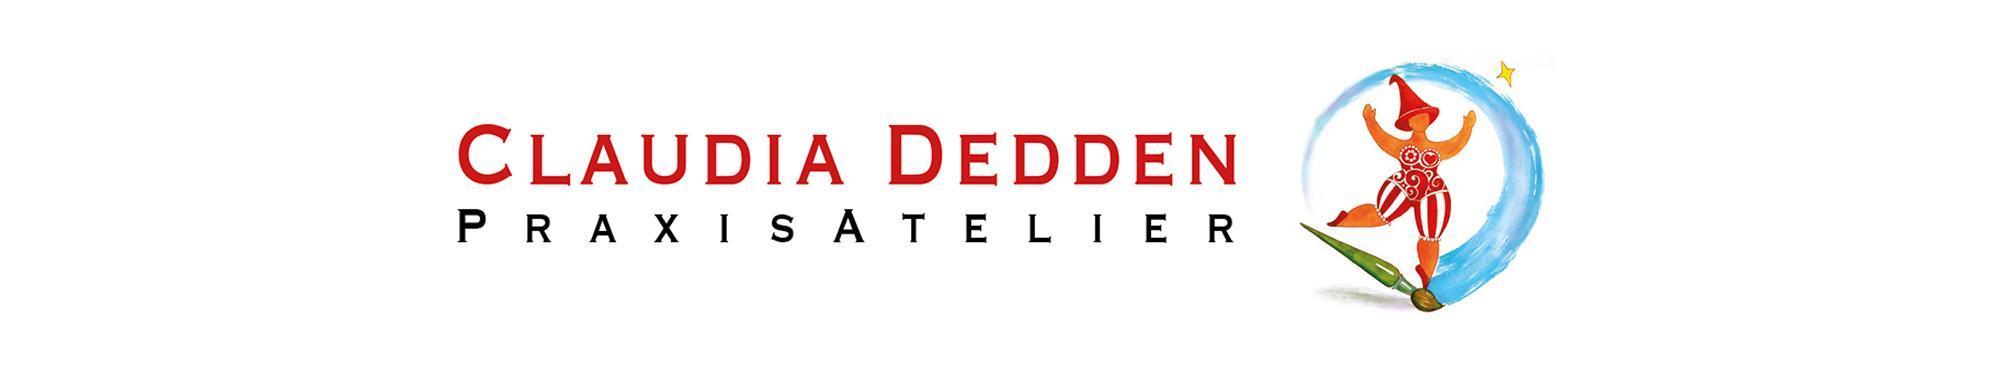 Claudia Dedden Praxisatelier